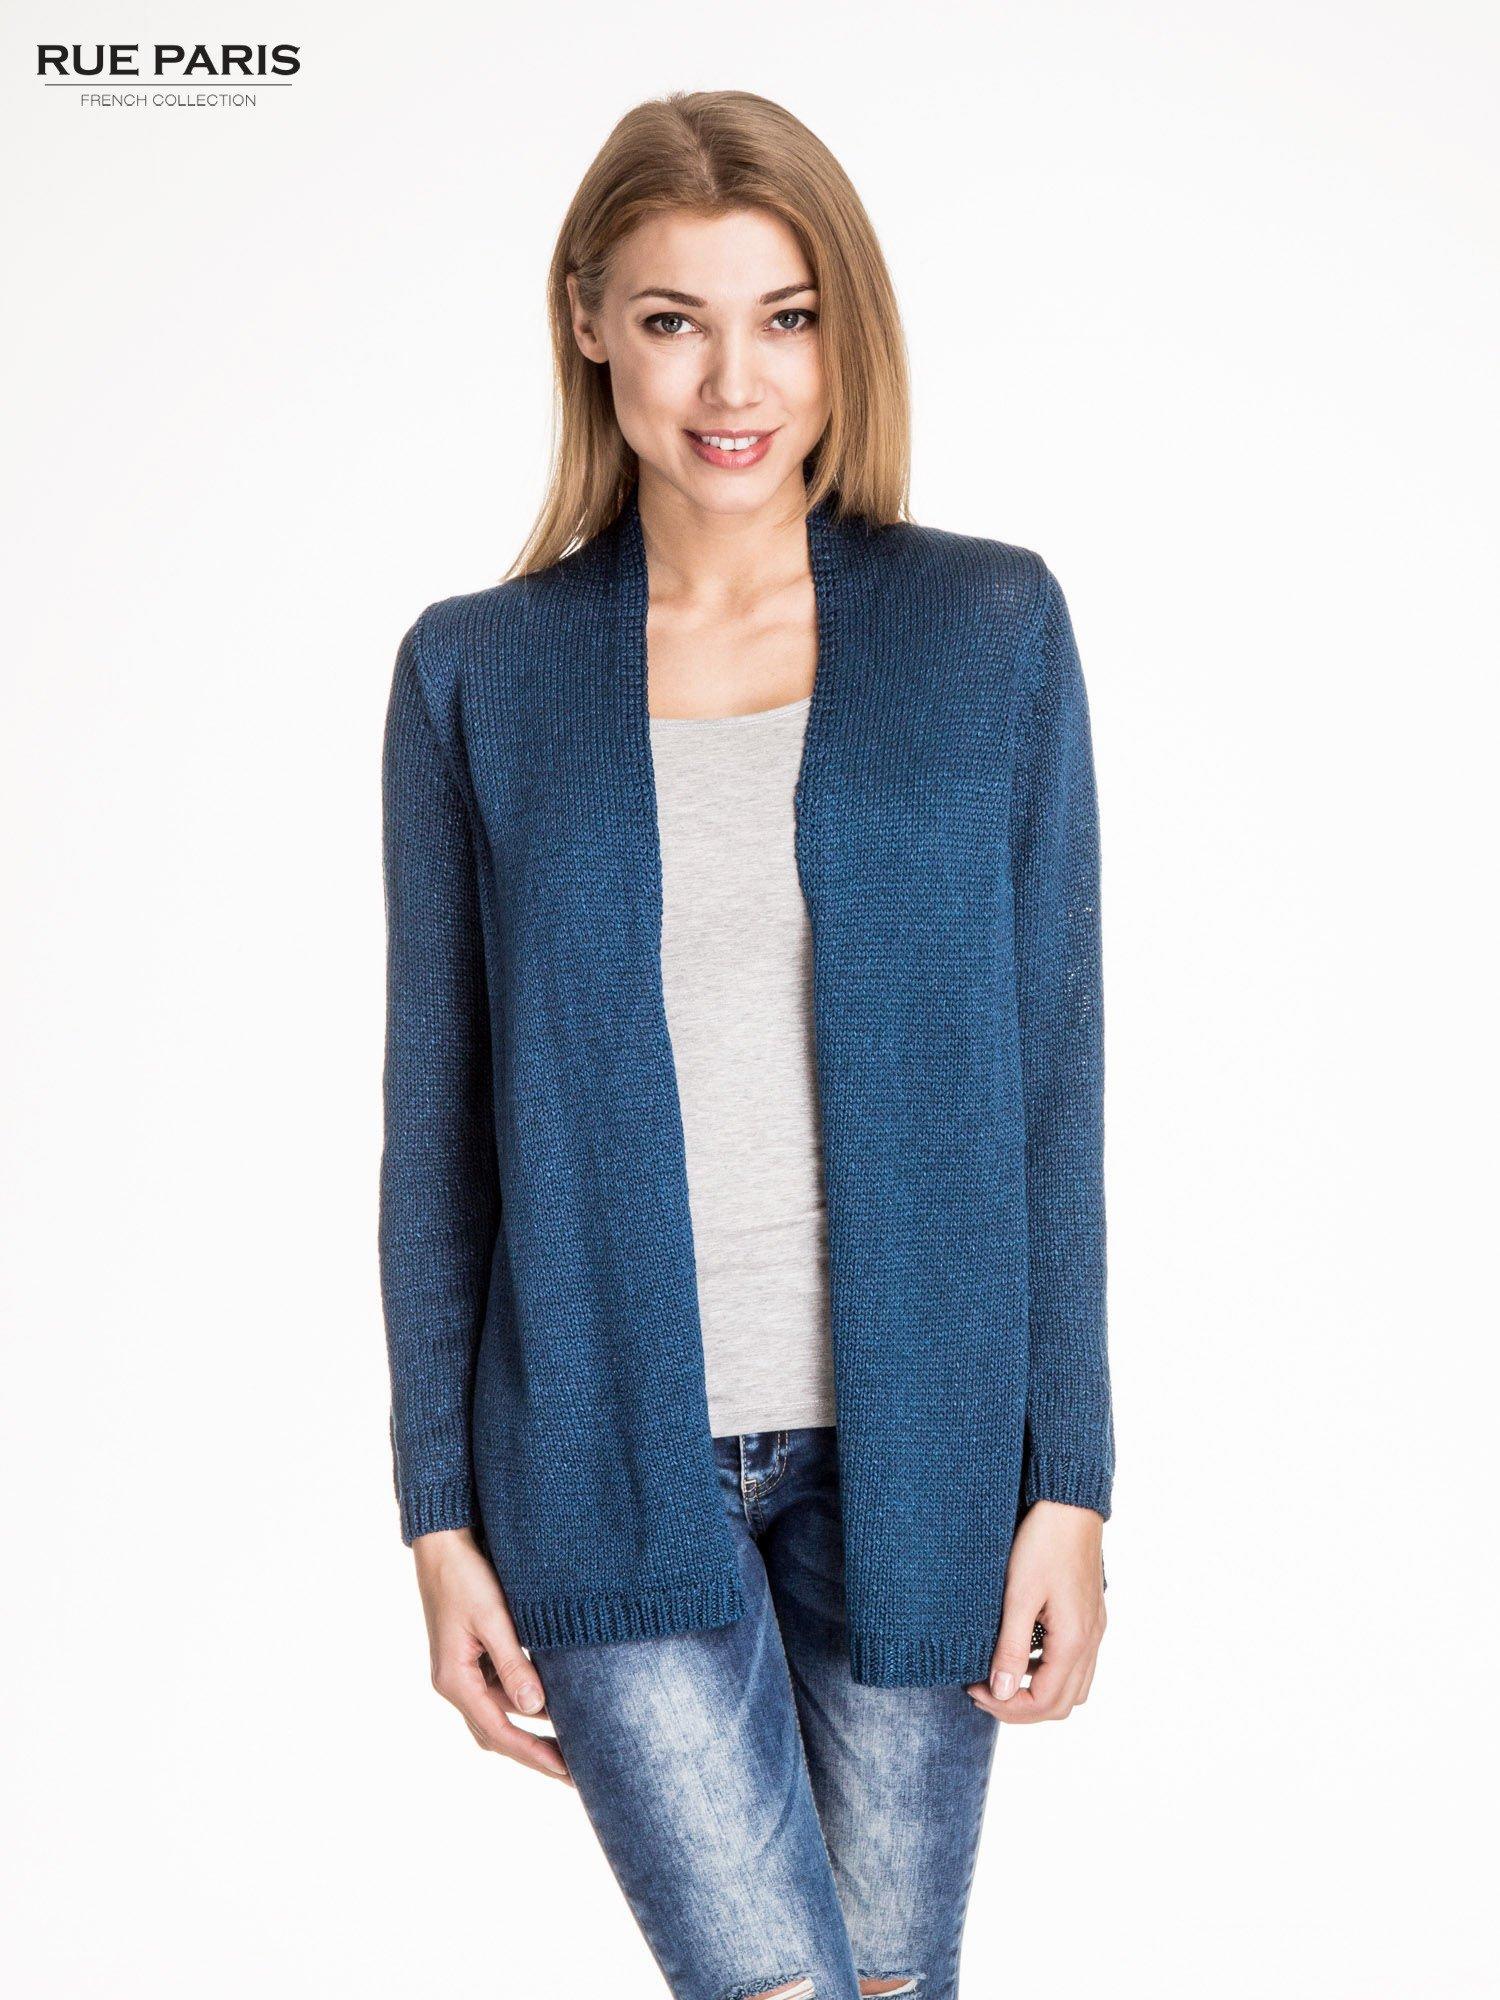 Ciemnoniebieski otwarty sweter z błyszczącą nitką                                  zdj.                                  1